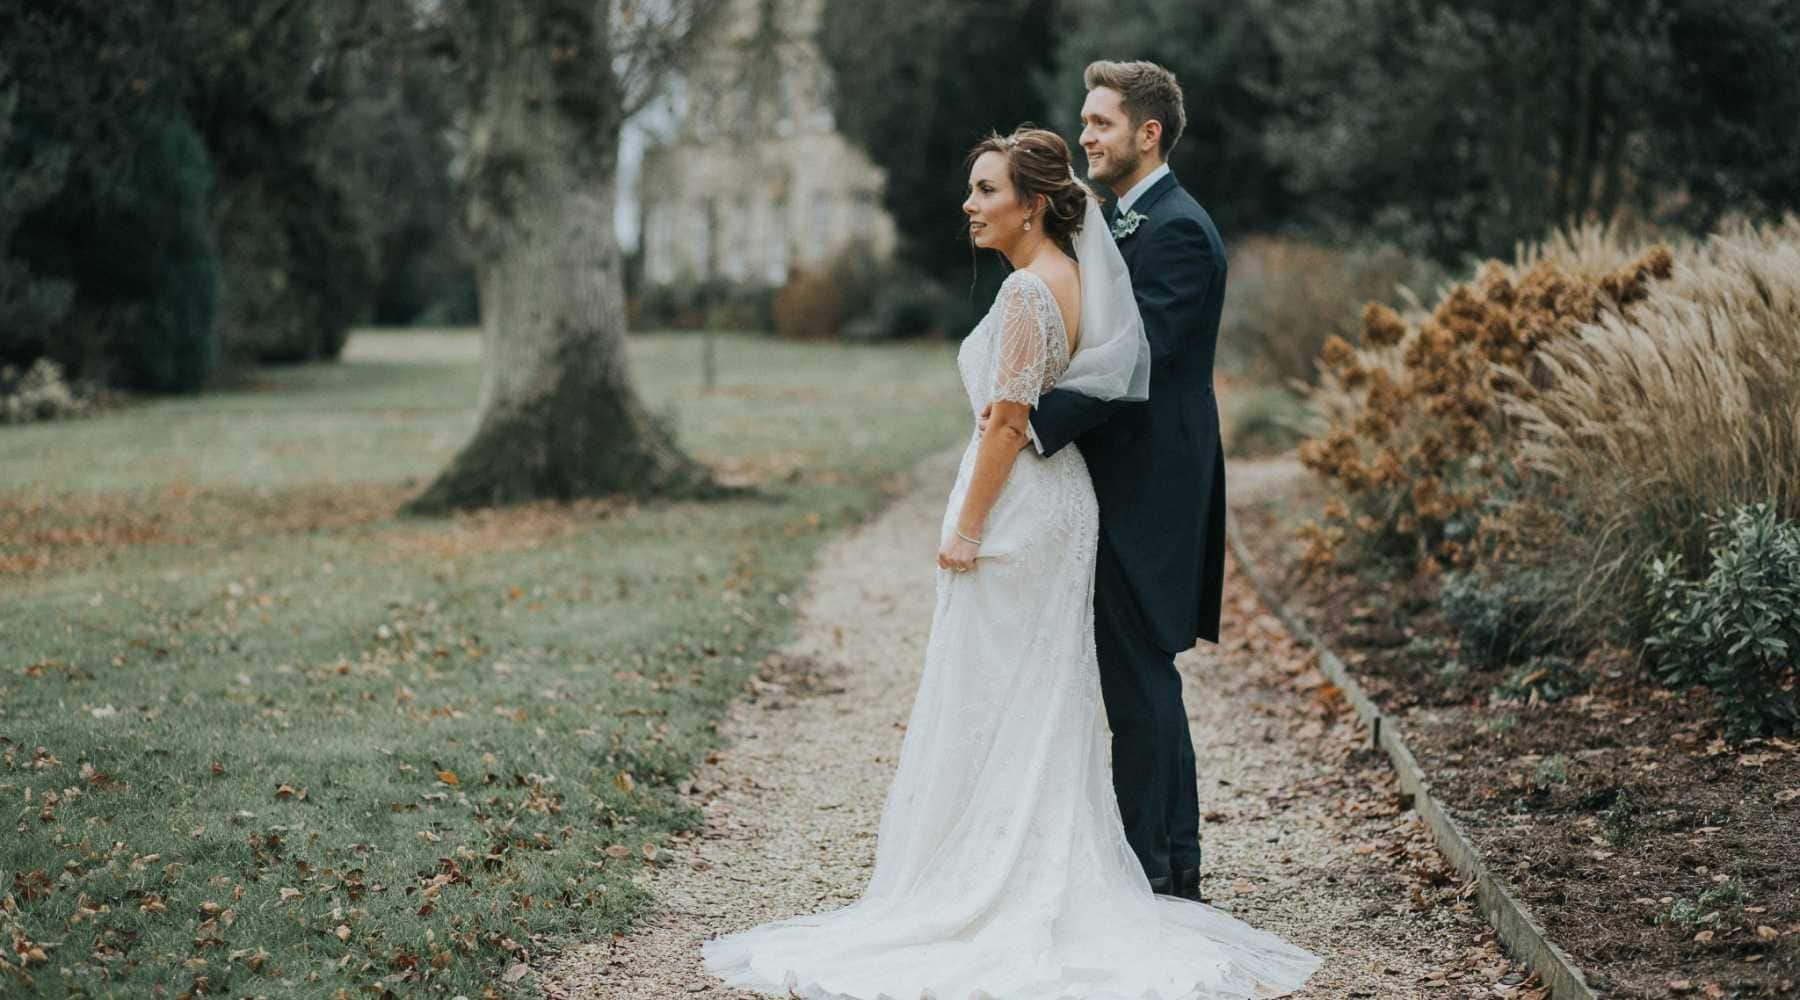 Harriets Berkshire Estate Wedding, Winchester wedding dress shop, hampshire, berkshire, reading, newbury, salisbury, wiltshire, surrey, west sussex, dorset, bournemouth, southampton, portsmouth